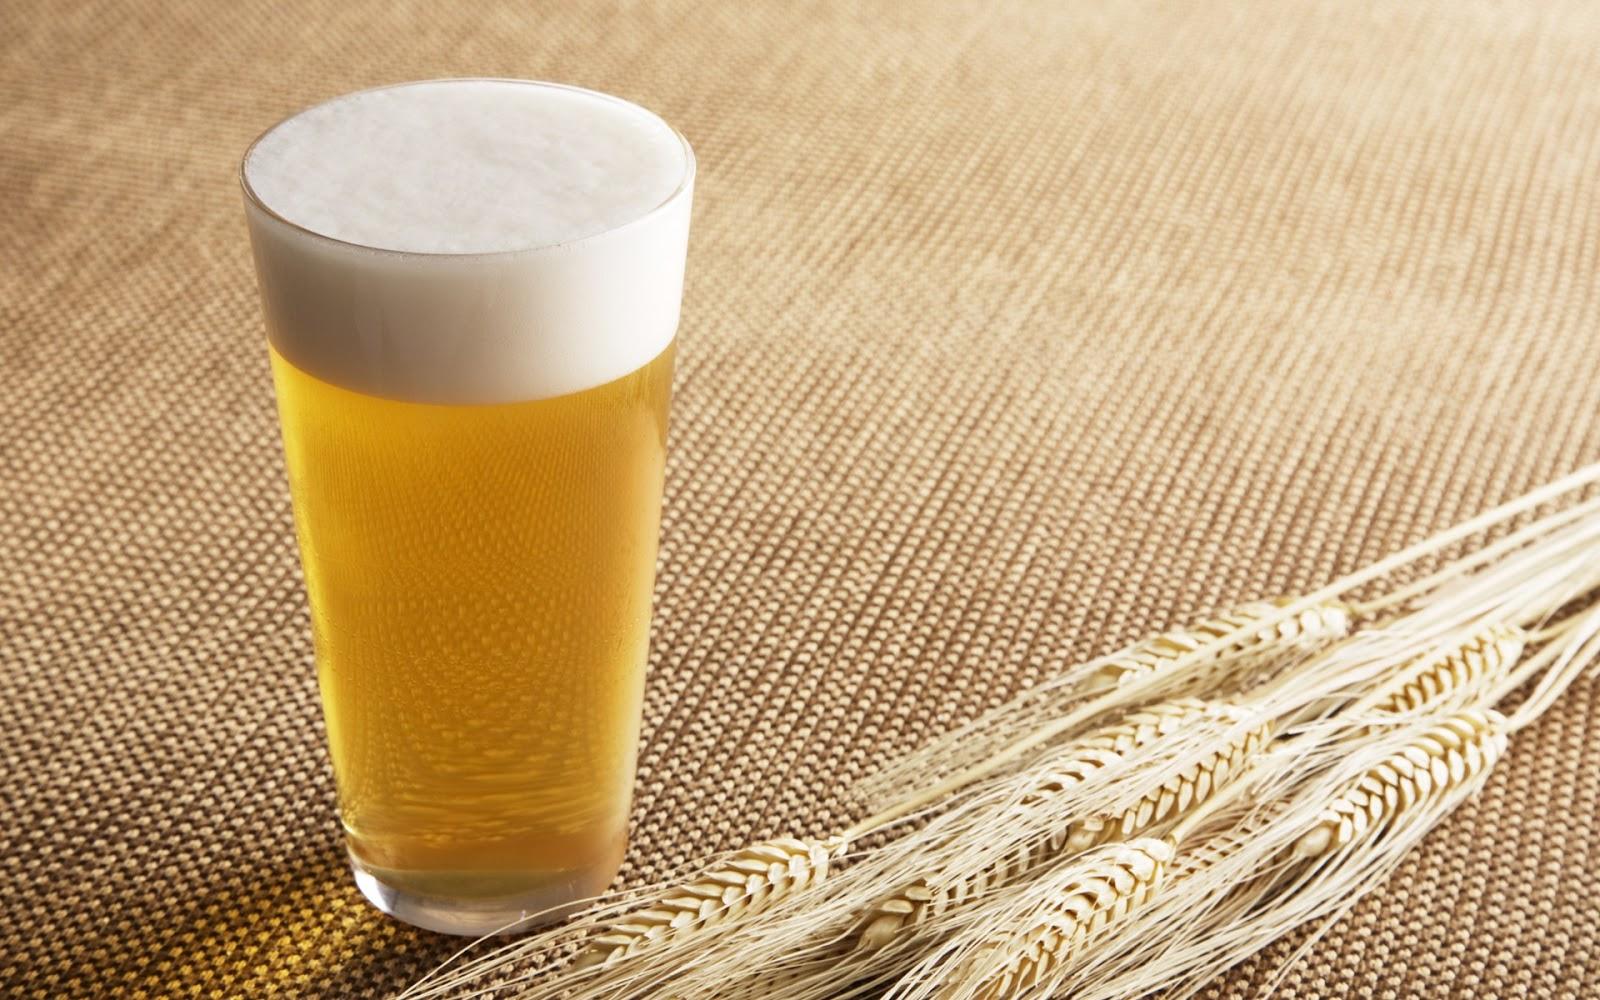 ゆる〜い酒類業界研究① ビール編